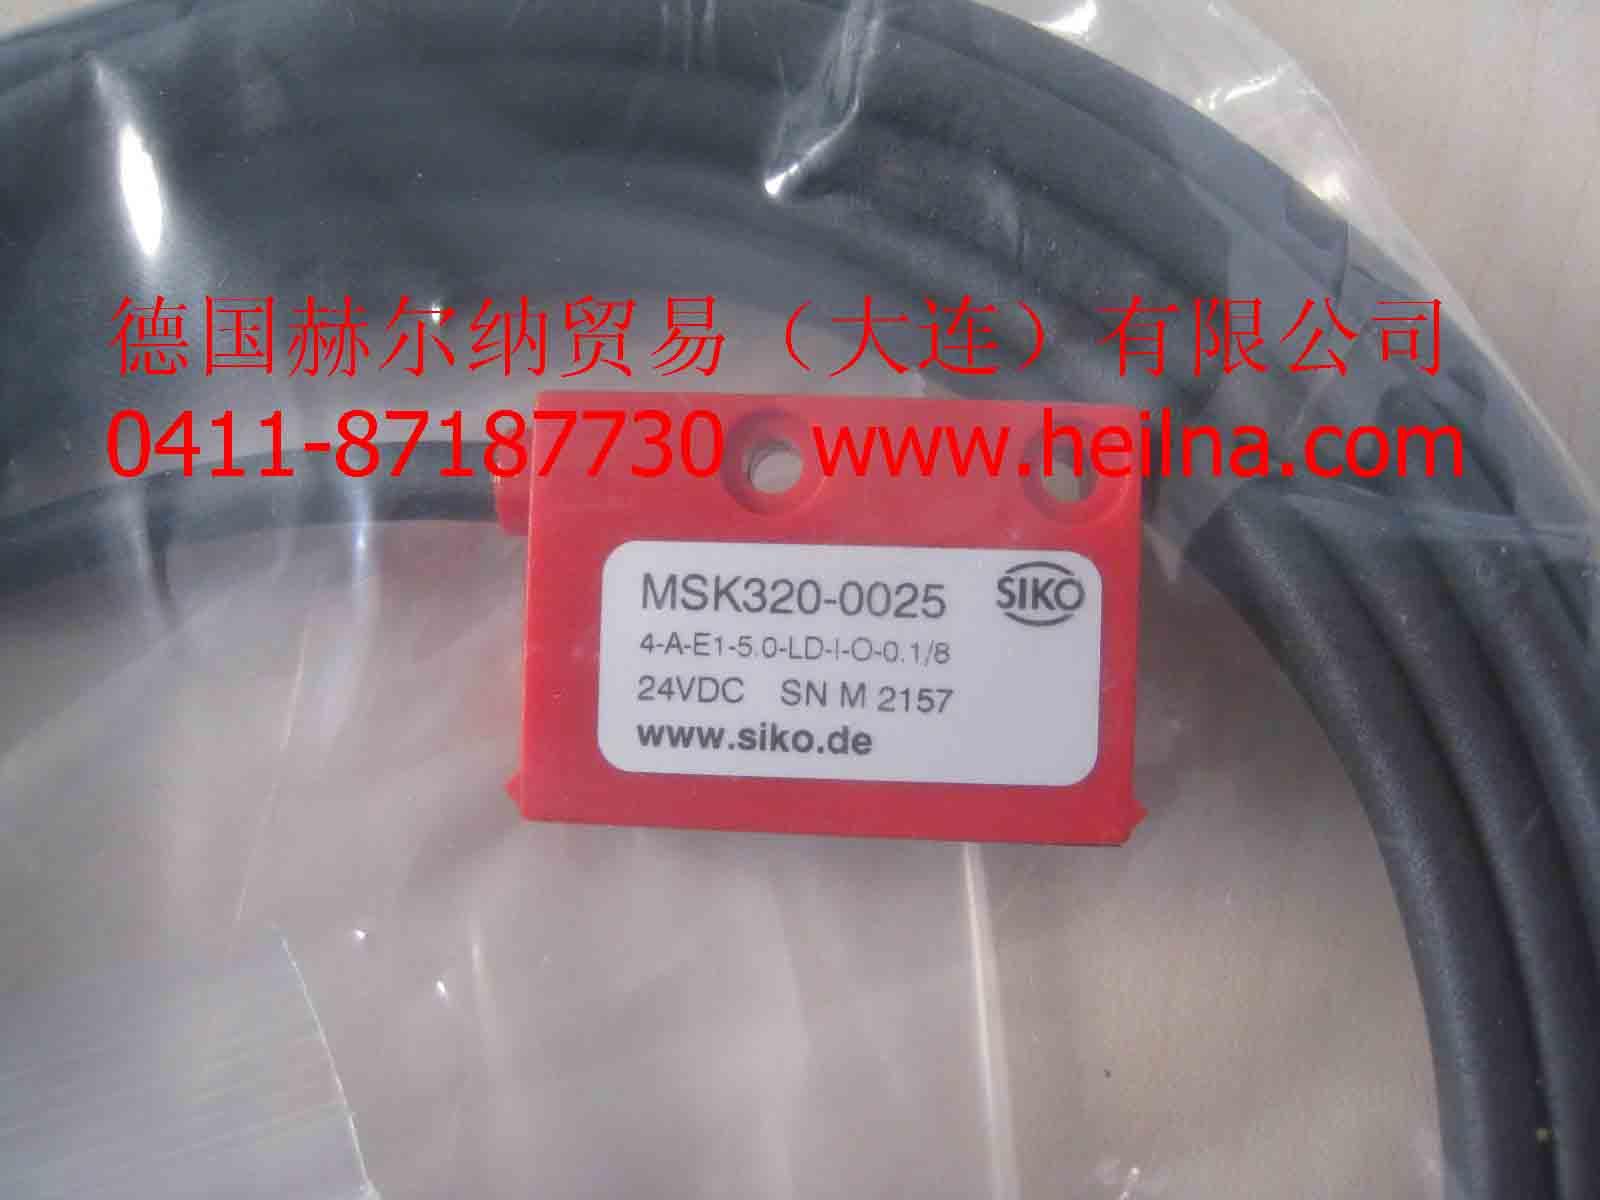 优势供应Siko传感器-德国赫尔纳(大连)公司